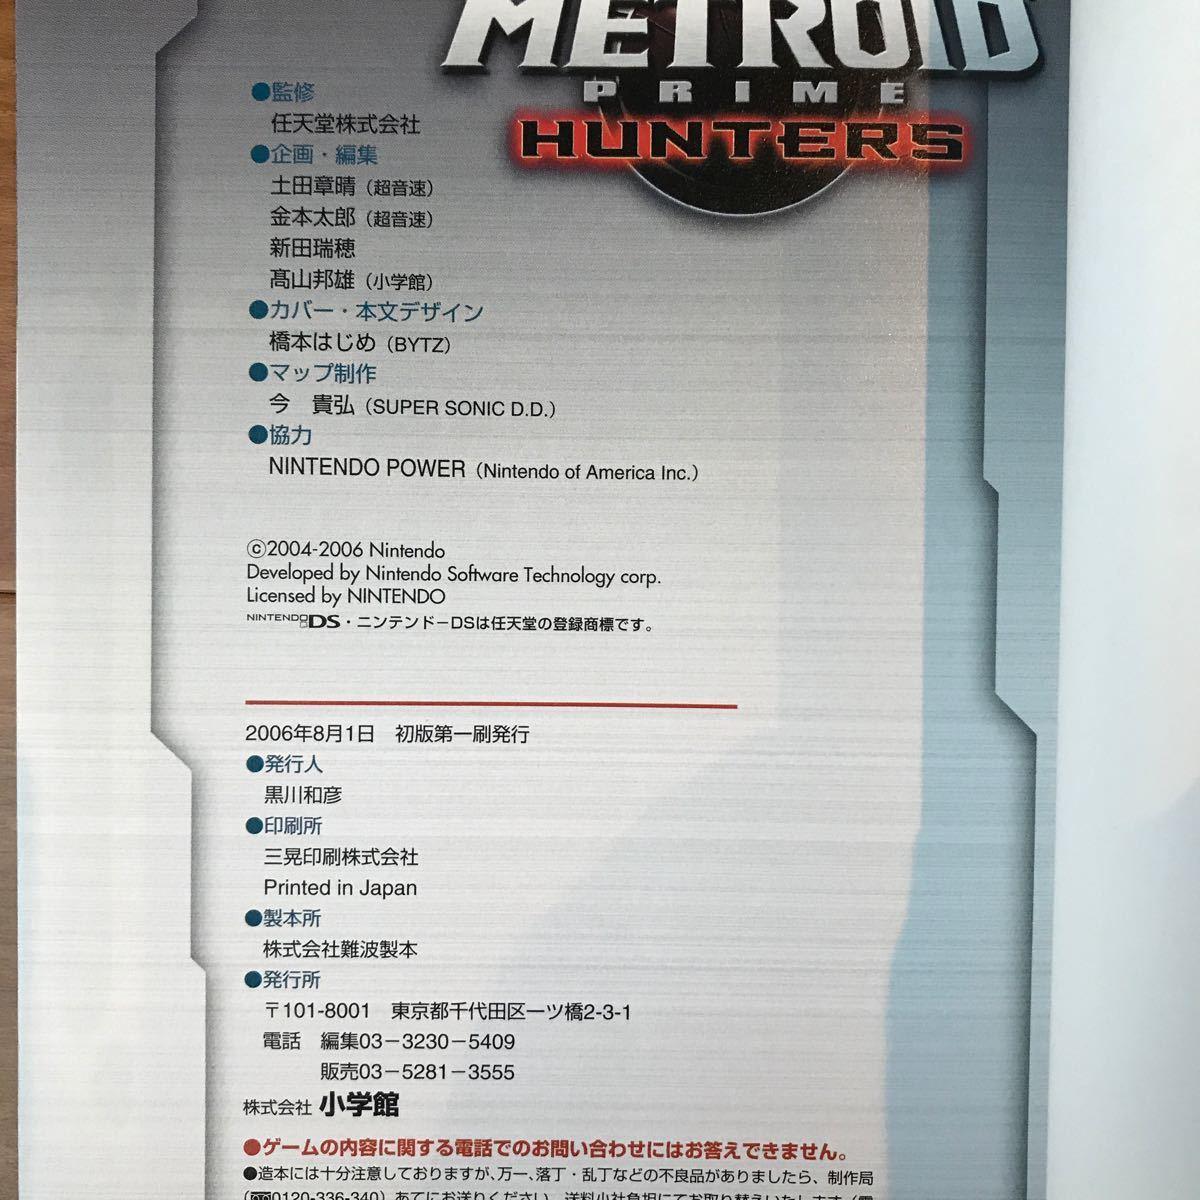 任天堂公式ガイドブック【NDS】メトロイド プライム ハンターズ METROID PRIME HUNTERS 小学館